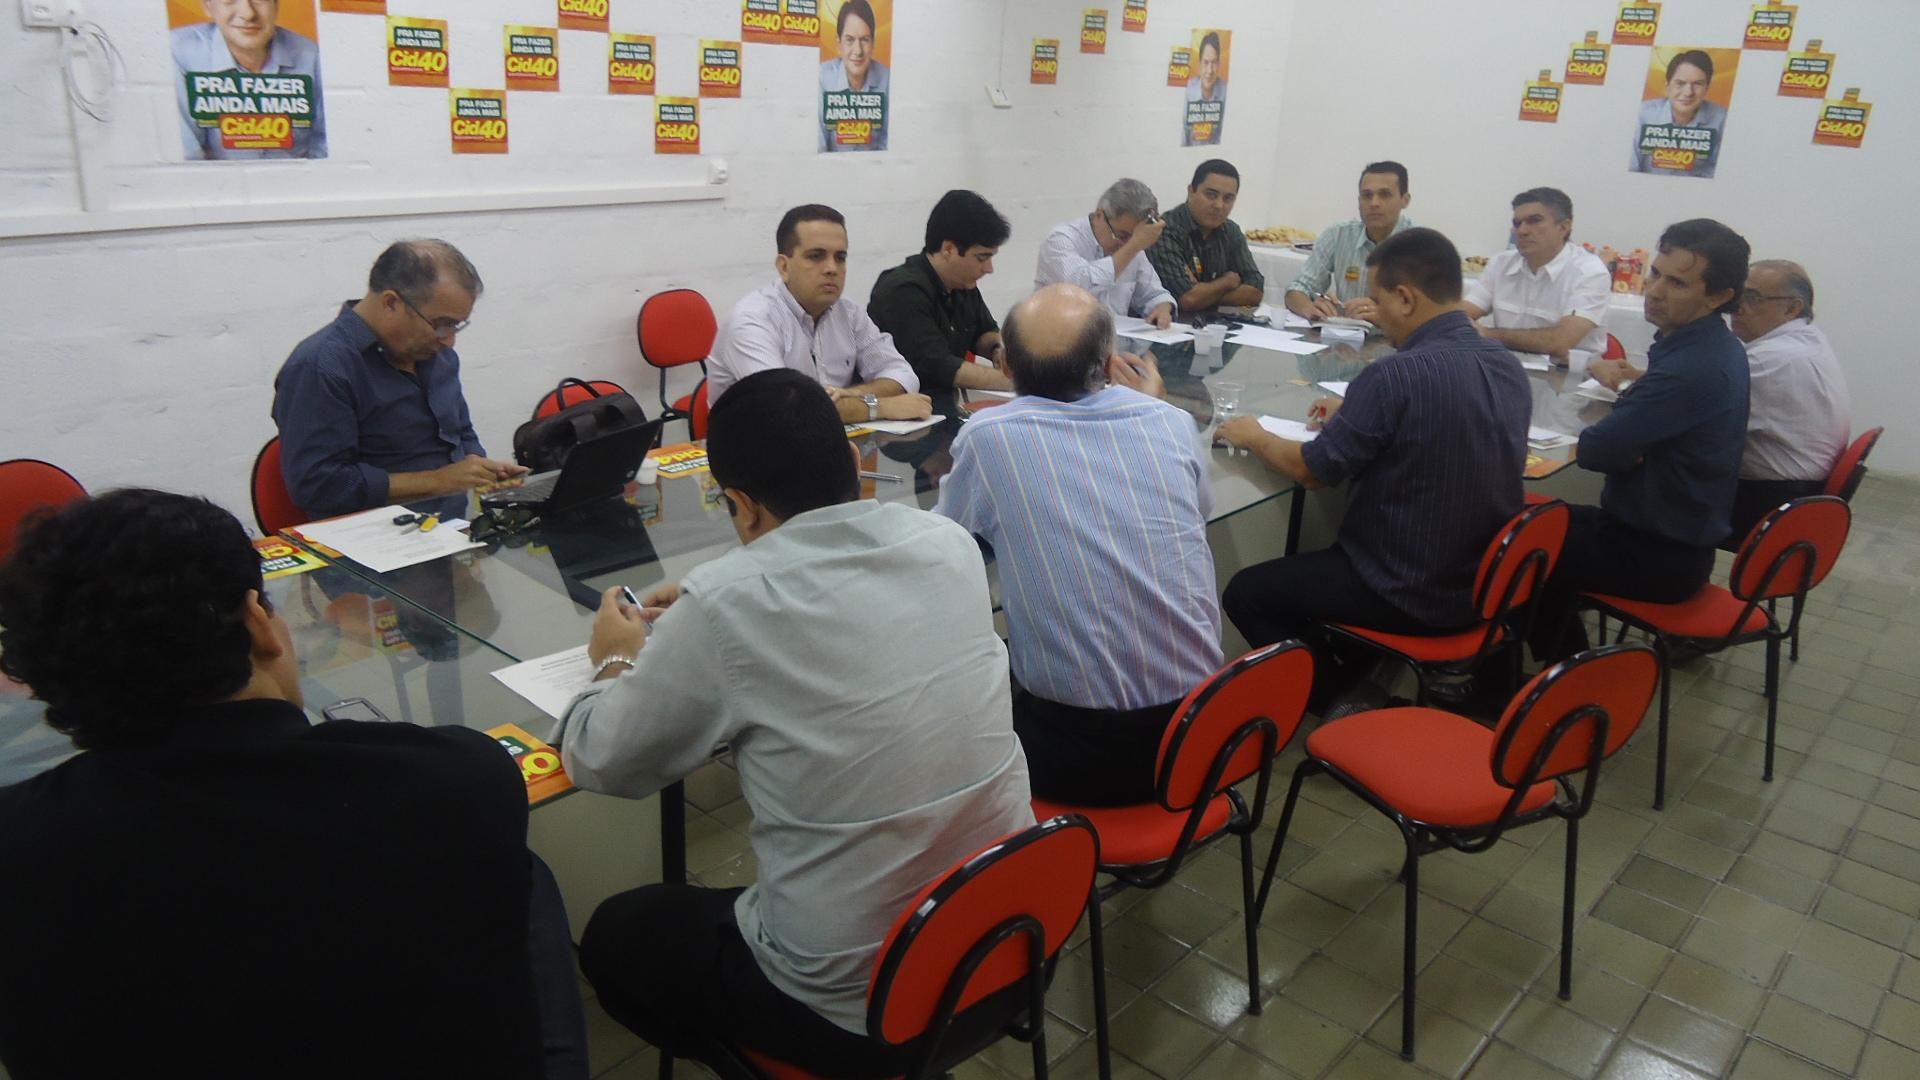 Segunda Reunião do Grupo de Empreendedores da Campanha Cid 40